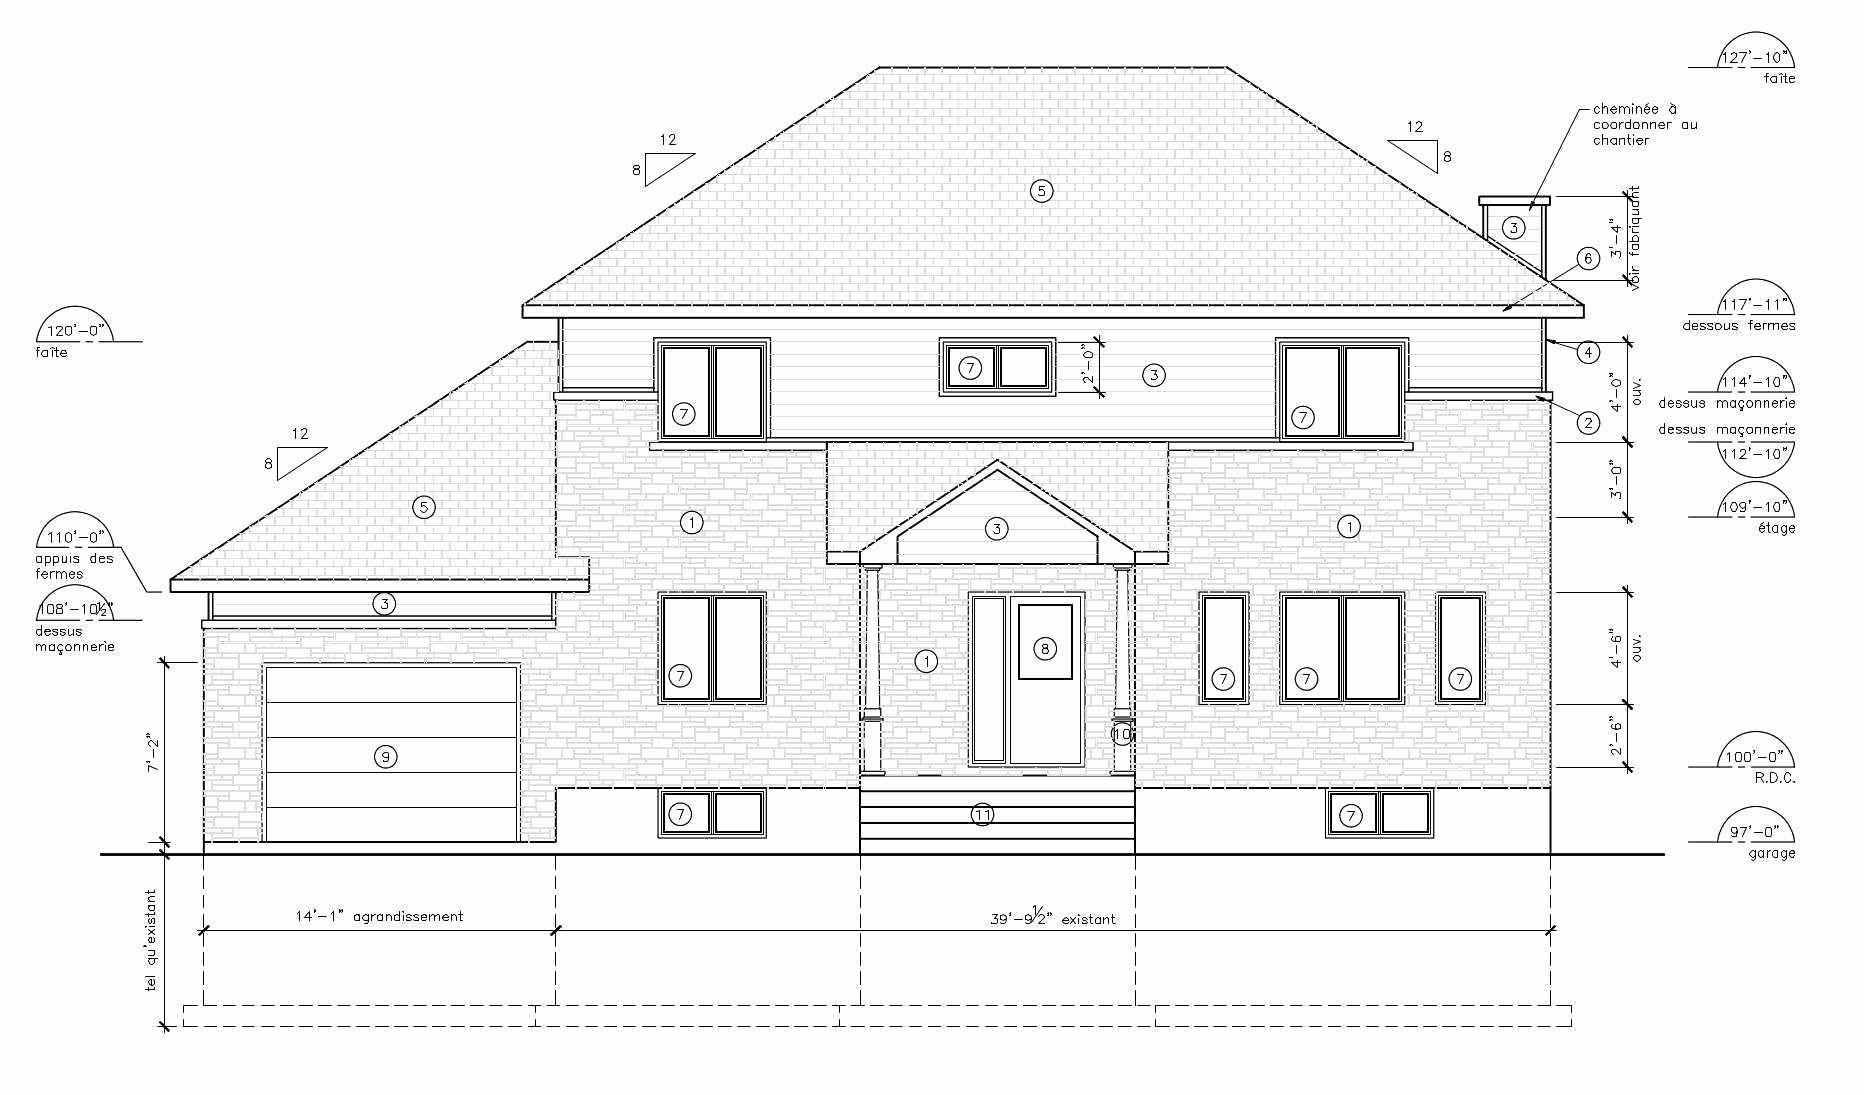 24 Logiciel Plan Exterieur Maison 3d Gratuit Plan De La Maison Plan Facade Plan Maison Plan Maison 3d